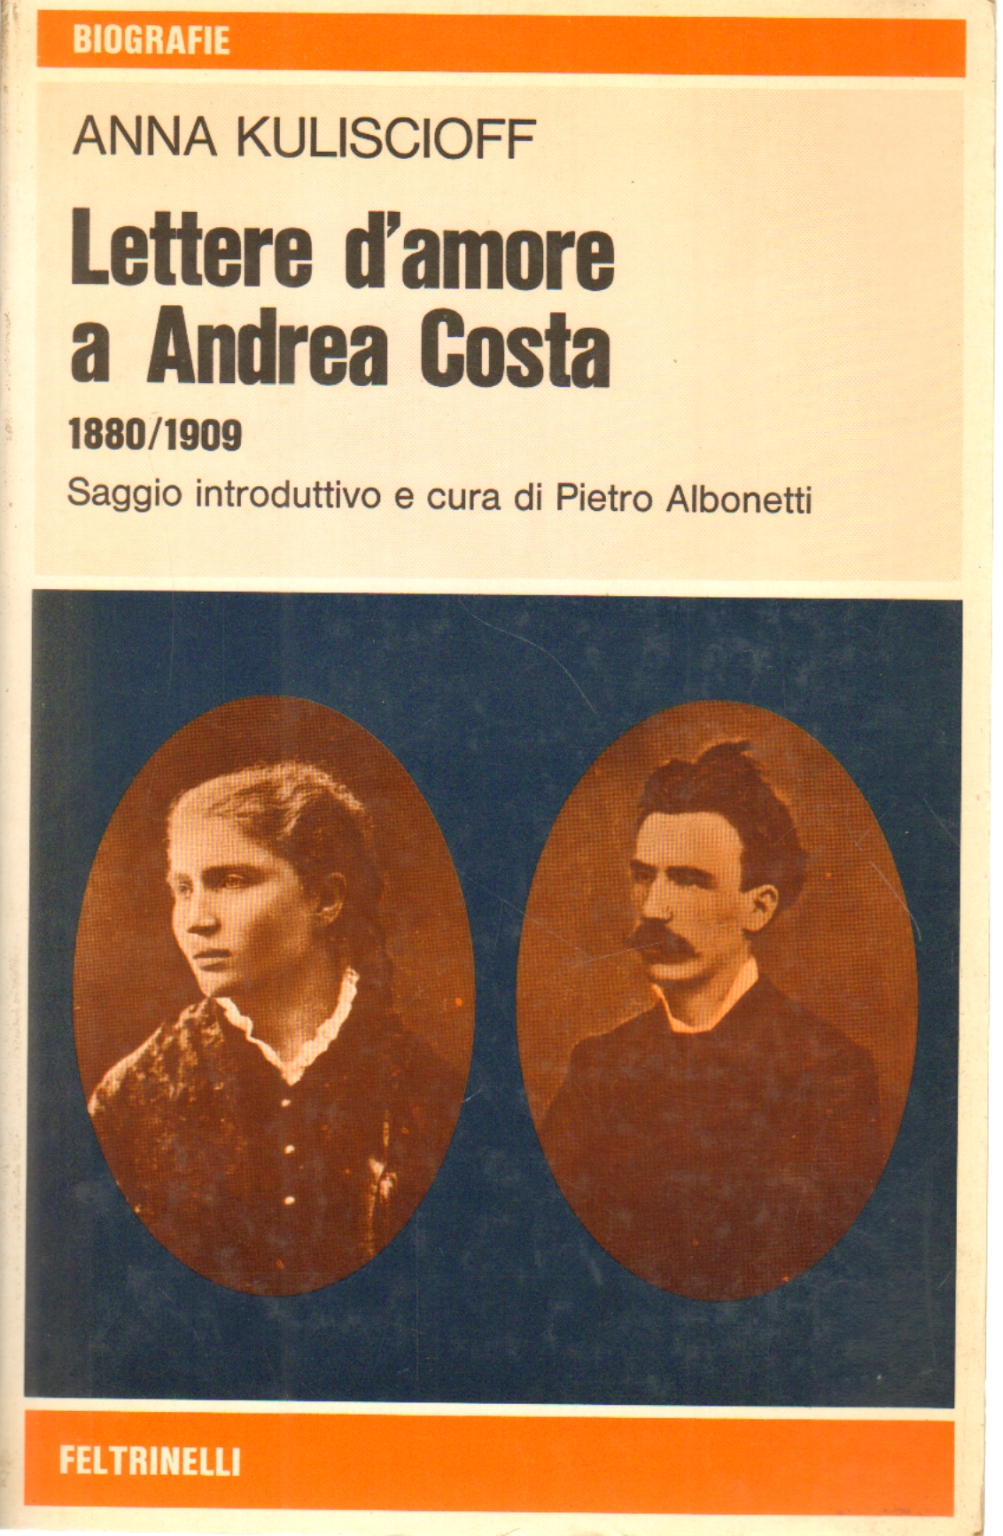 Risultati immagini per ANDREA COSTA7 ANNA KULISCIOFF